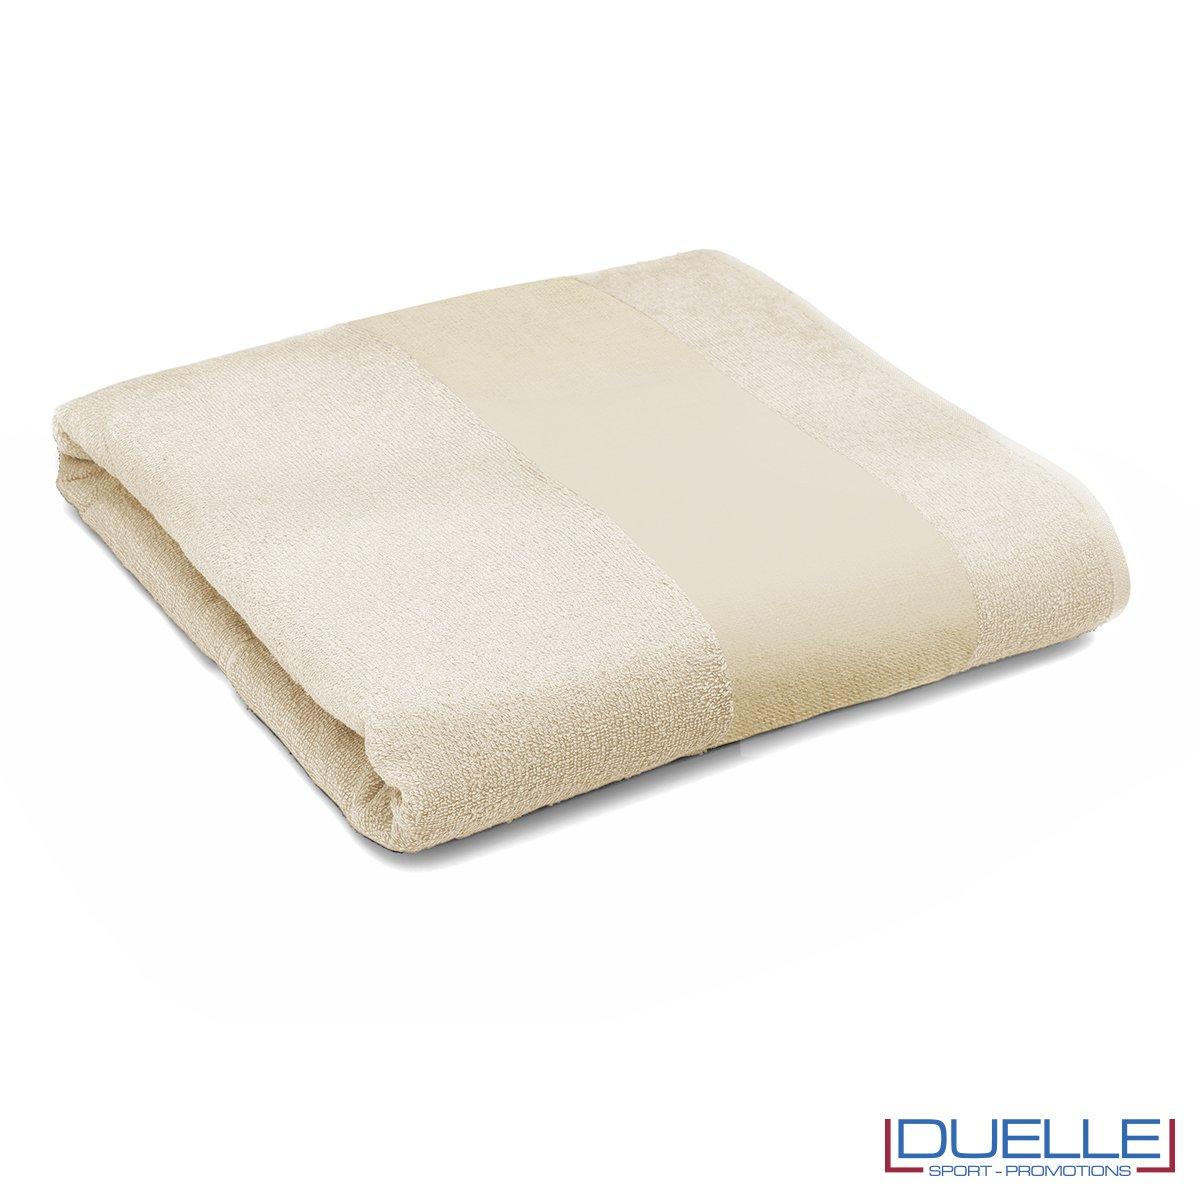 telo personalizzato mare cotone naturale, gadget mare, gadget estate, gadget promozionali 100% cotone